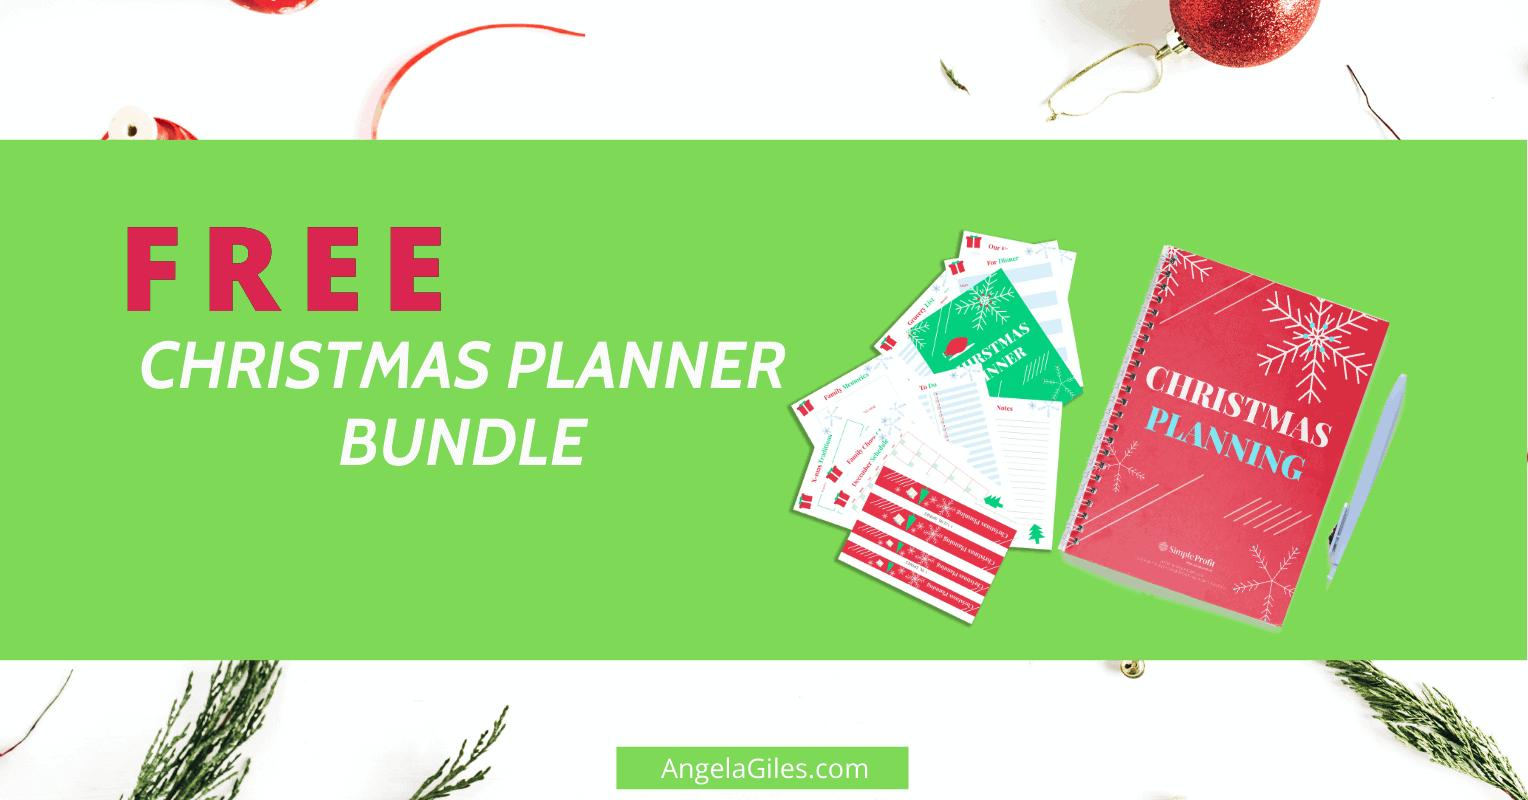 Free Christmas Planner Bundle – Organize Christmas